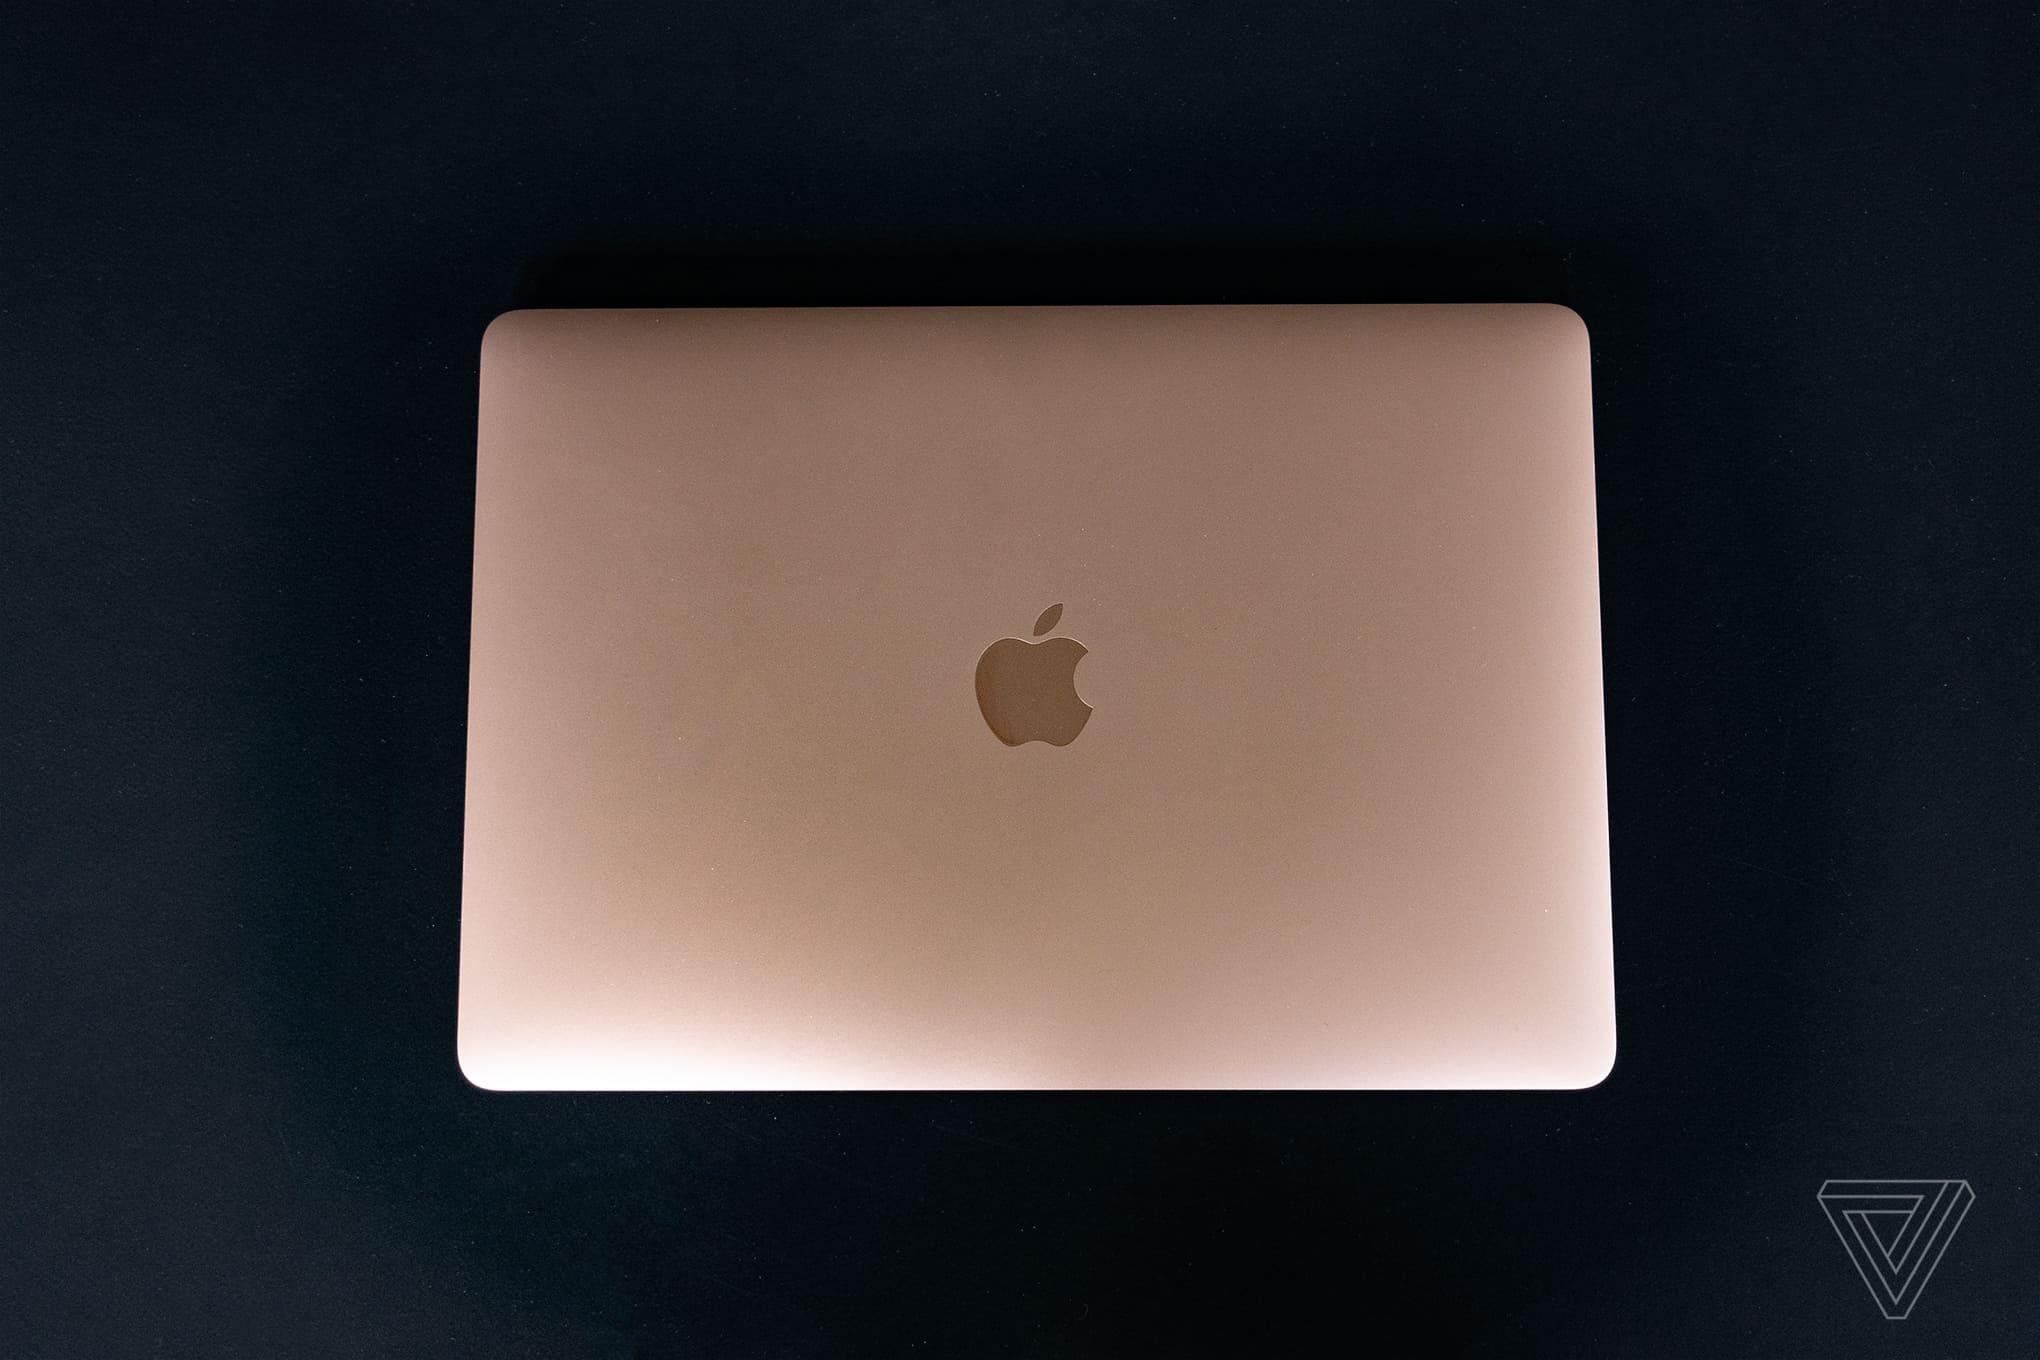 Mua MacBook: Hãy hiểu rõ cấu hình 20611512